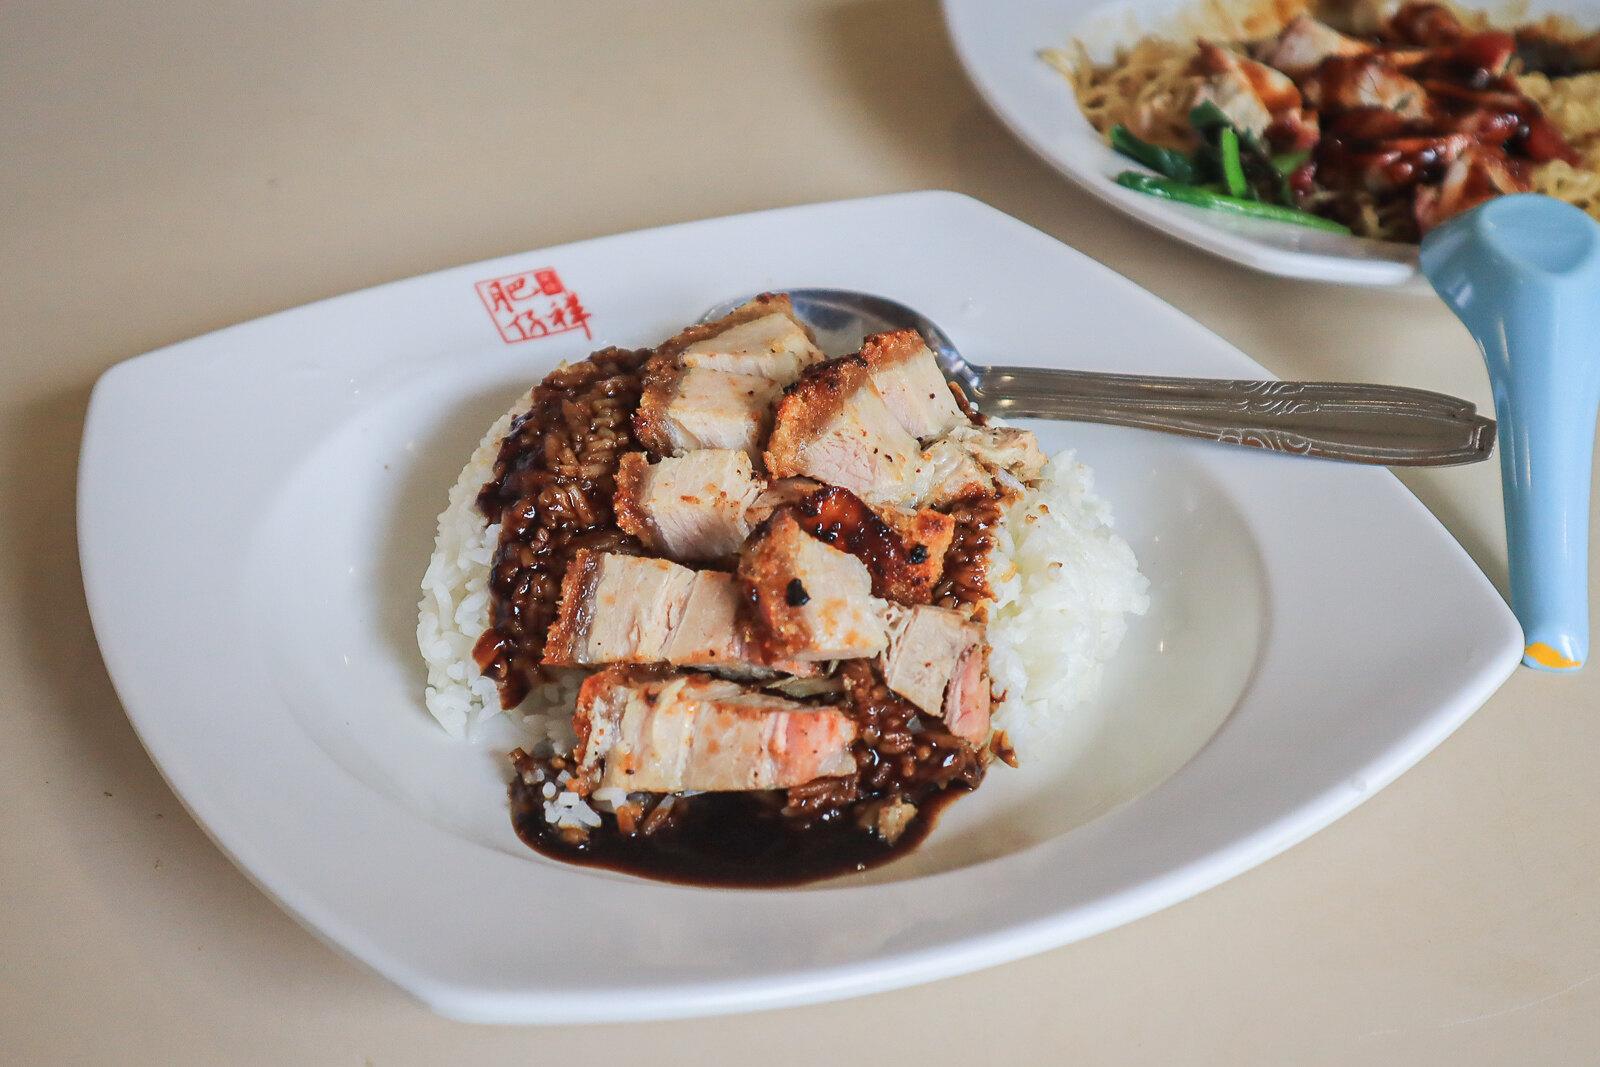 fei zai xiang shao la wanton mee roast meat rice